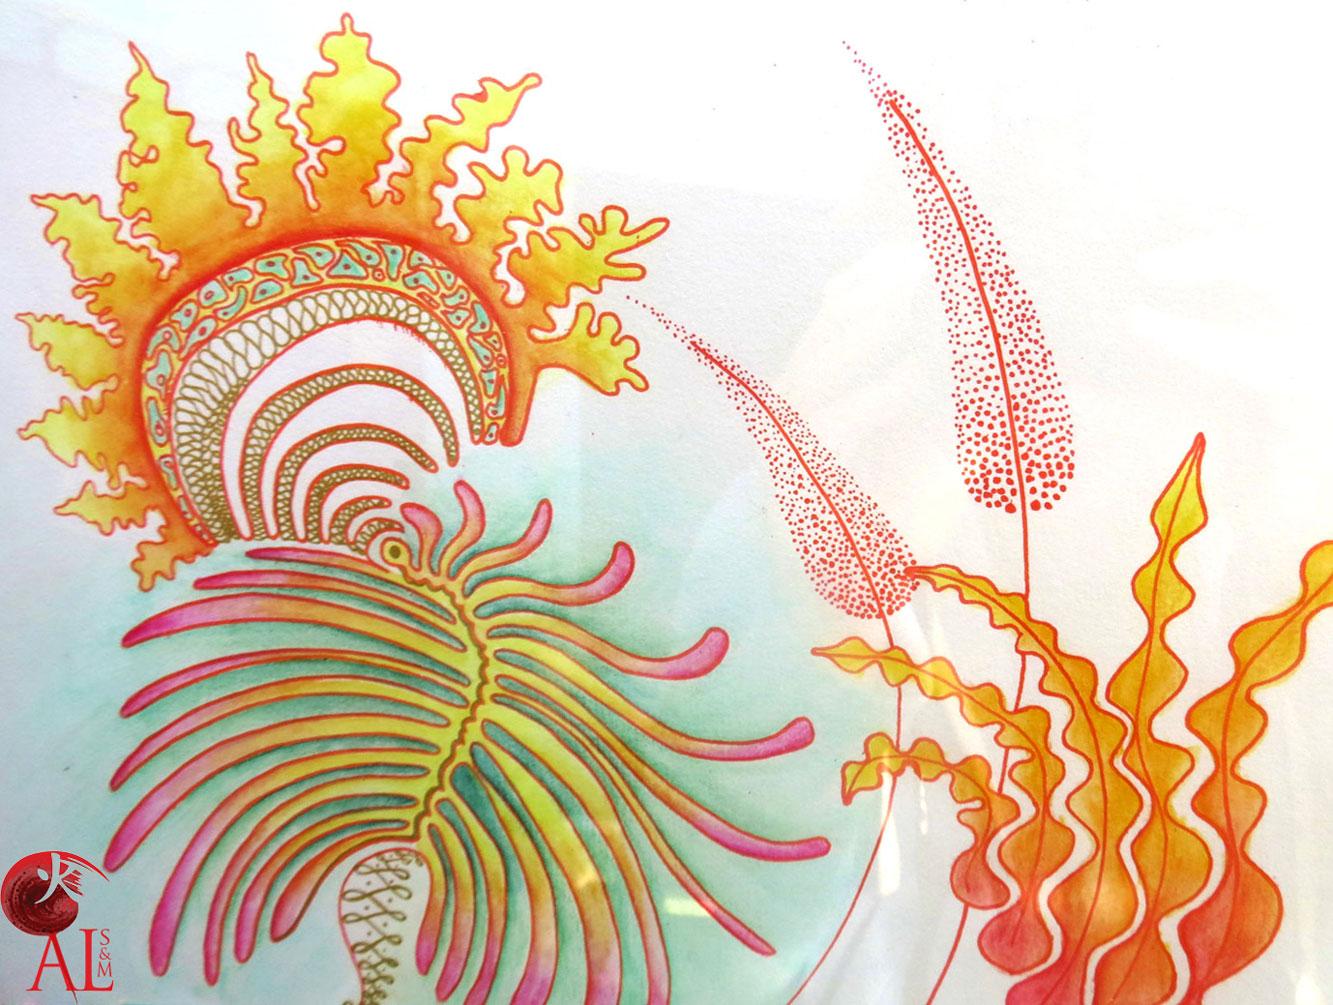 Soin & Créativité. Shiatsu & Mandala. Ballade des ateliers de chantenay 2015